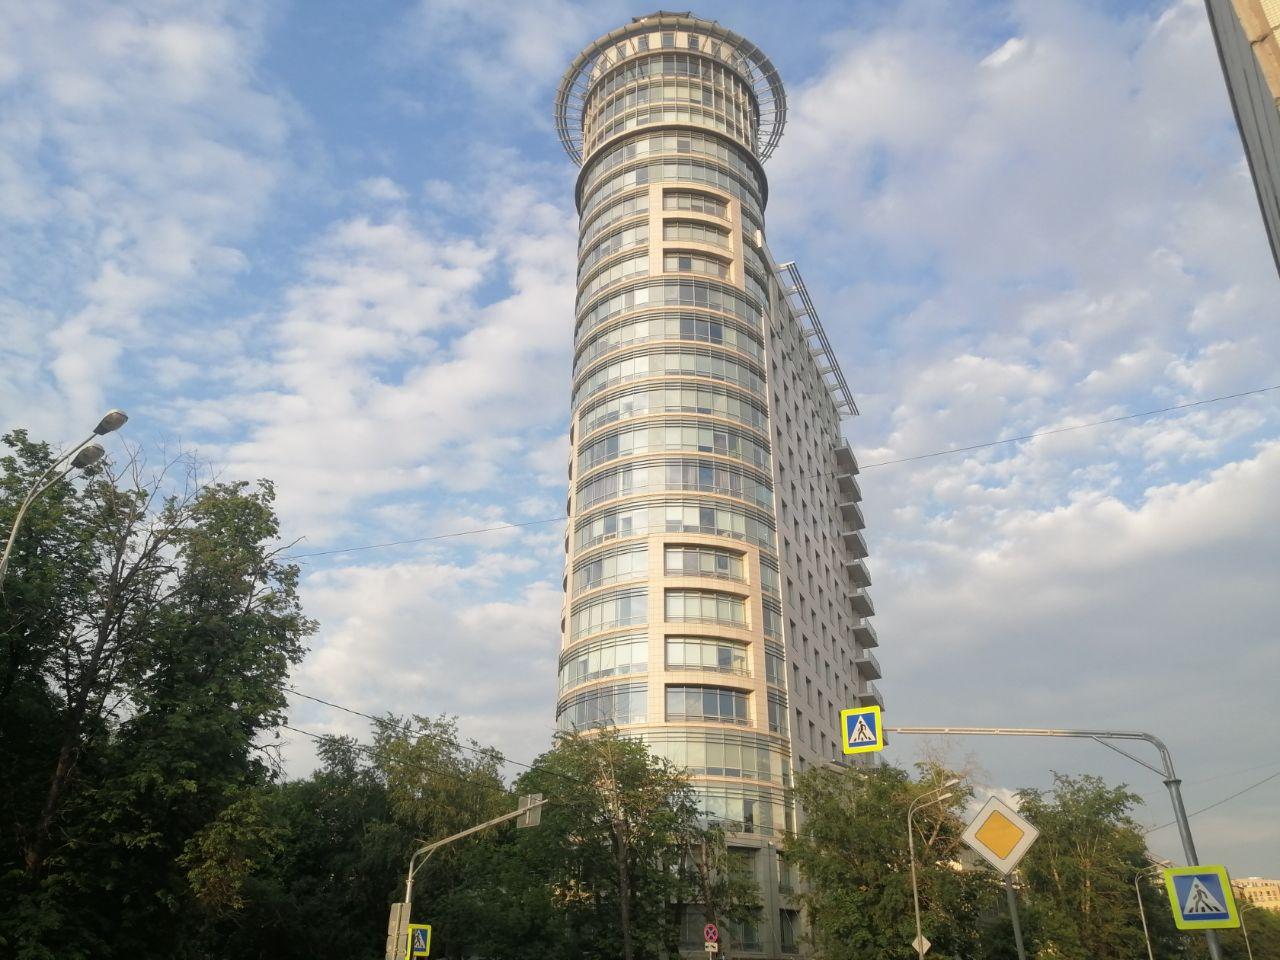 аренда помещений в БЦ Light Tower (Лайт Тауэр)